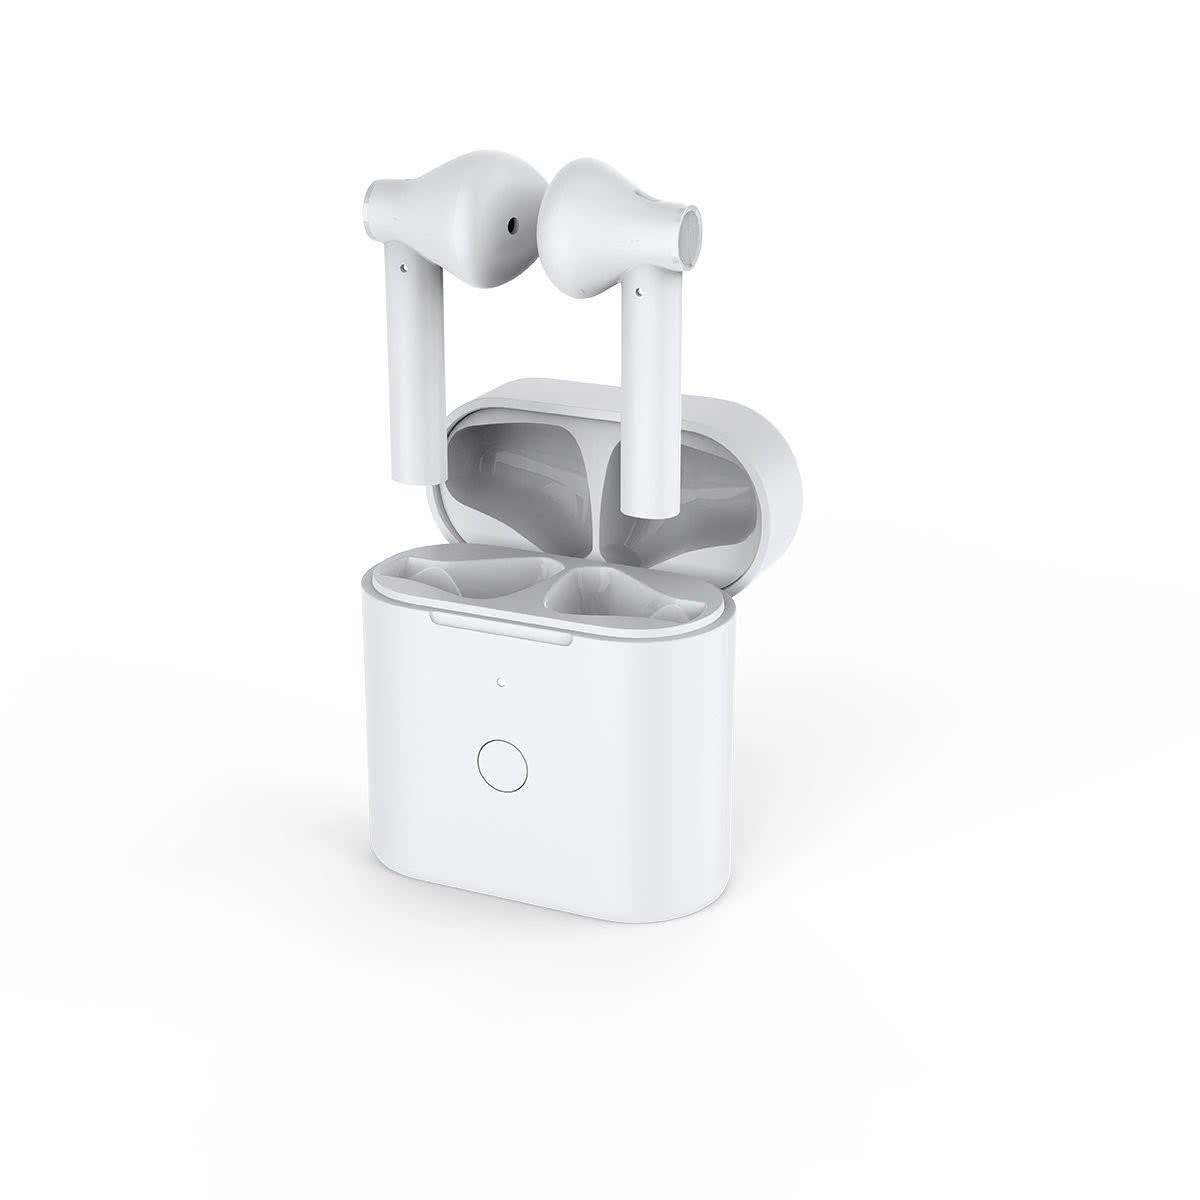 Fone de Ouvido Bluetooth Xiaomi QCY T7 White